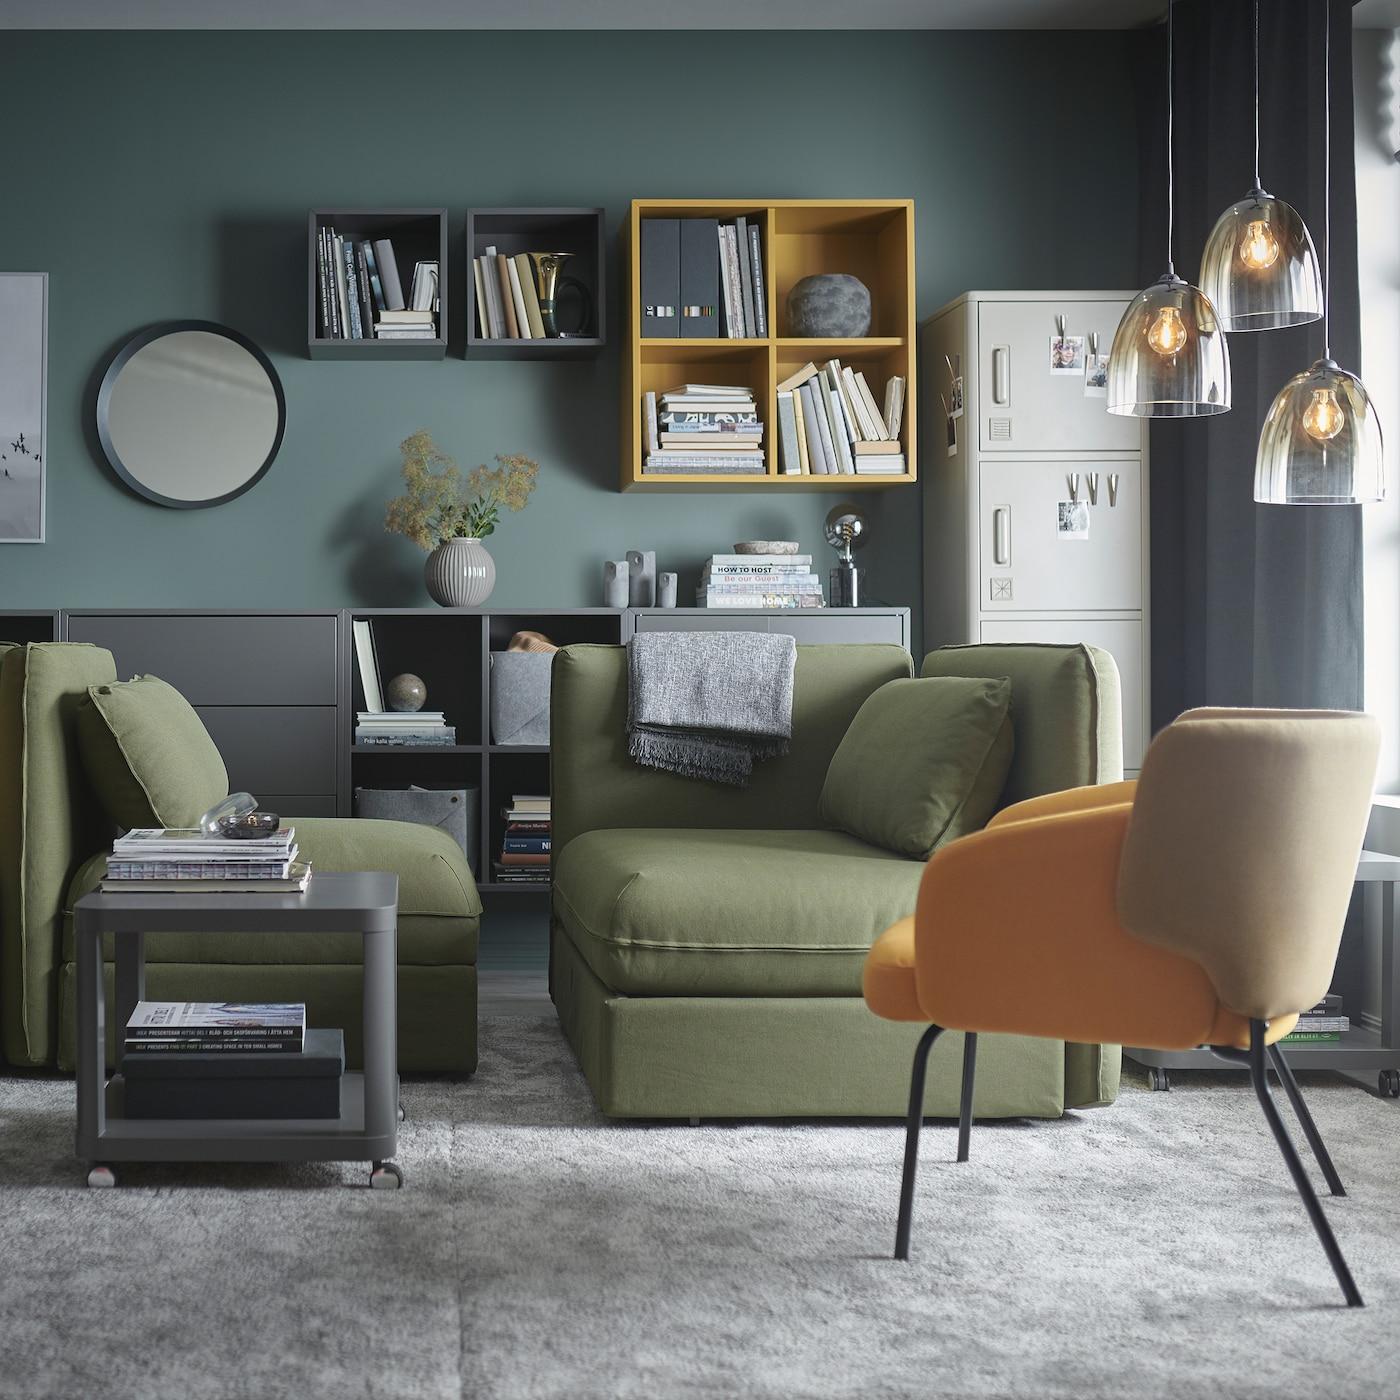 Een woonkamer met groene VALLENTUNA modulaire slaapbanken, grijze grote tapijten, grijze en gele kasten en glazen hanglampen.